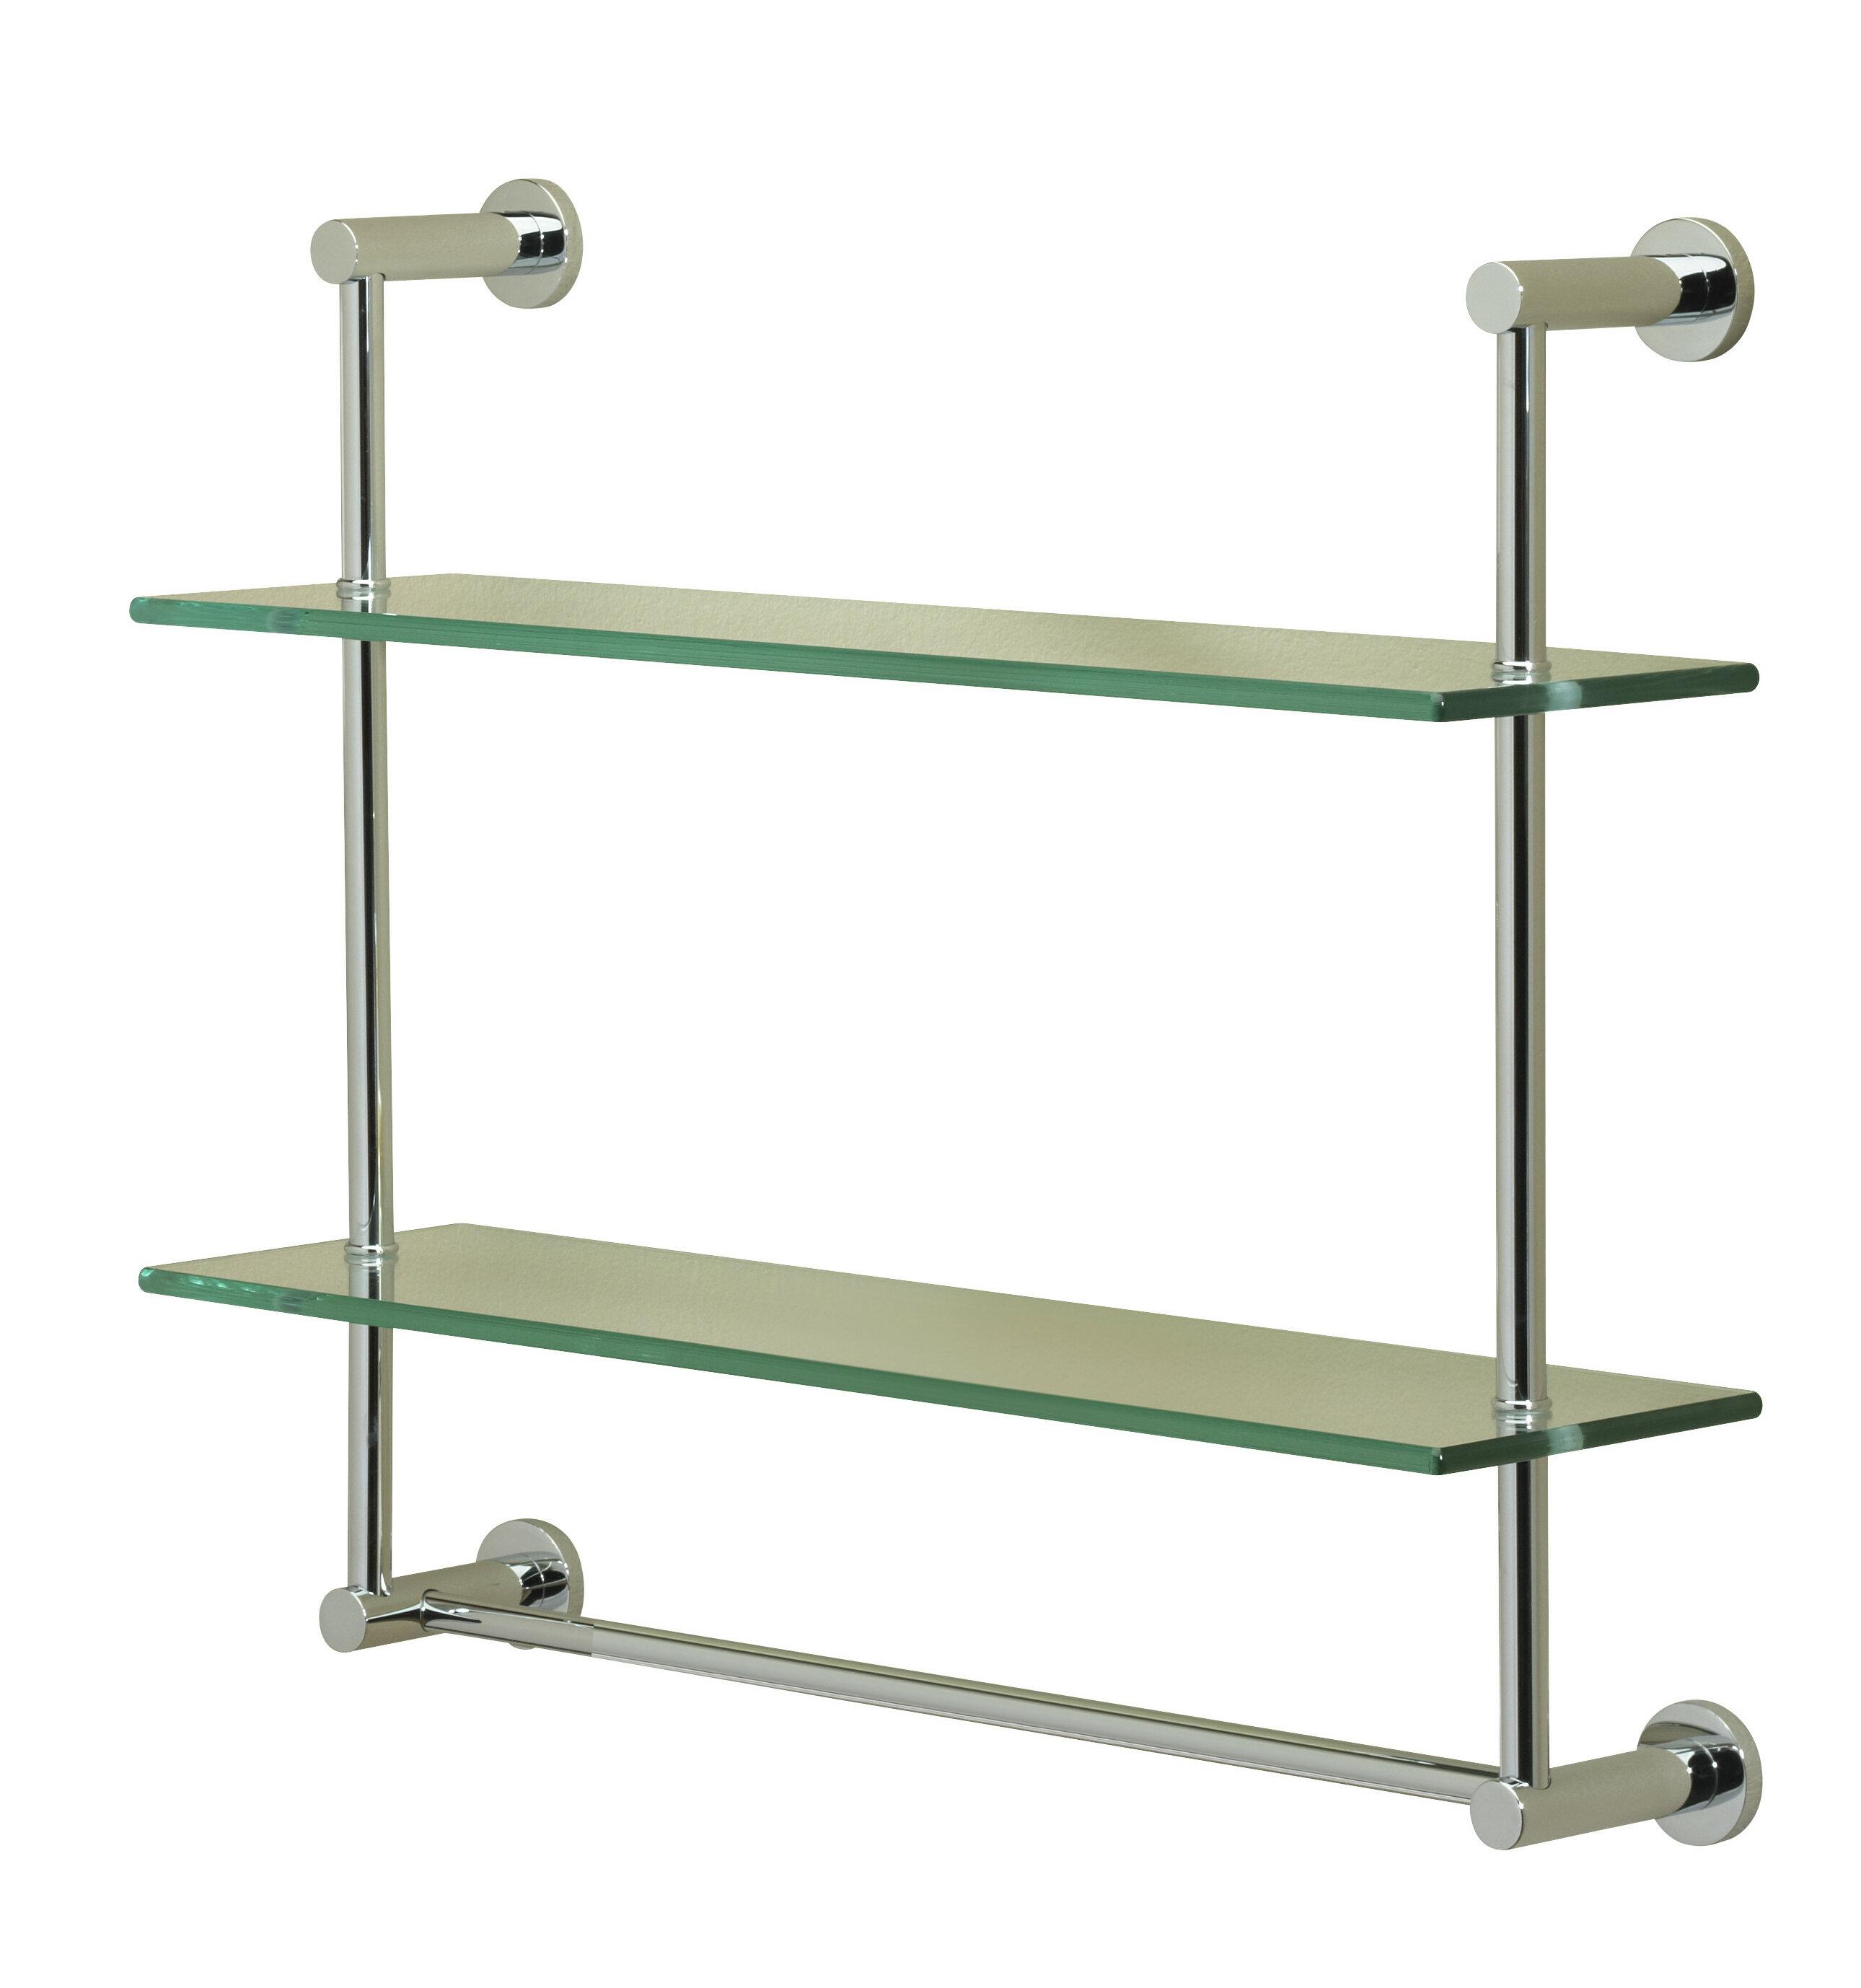 Valsan Essentials 2 Tier Wall Shelf | Wayfair